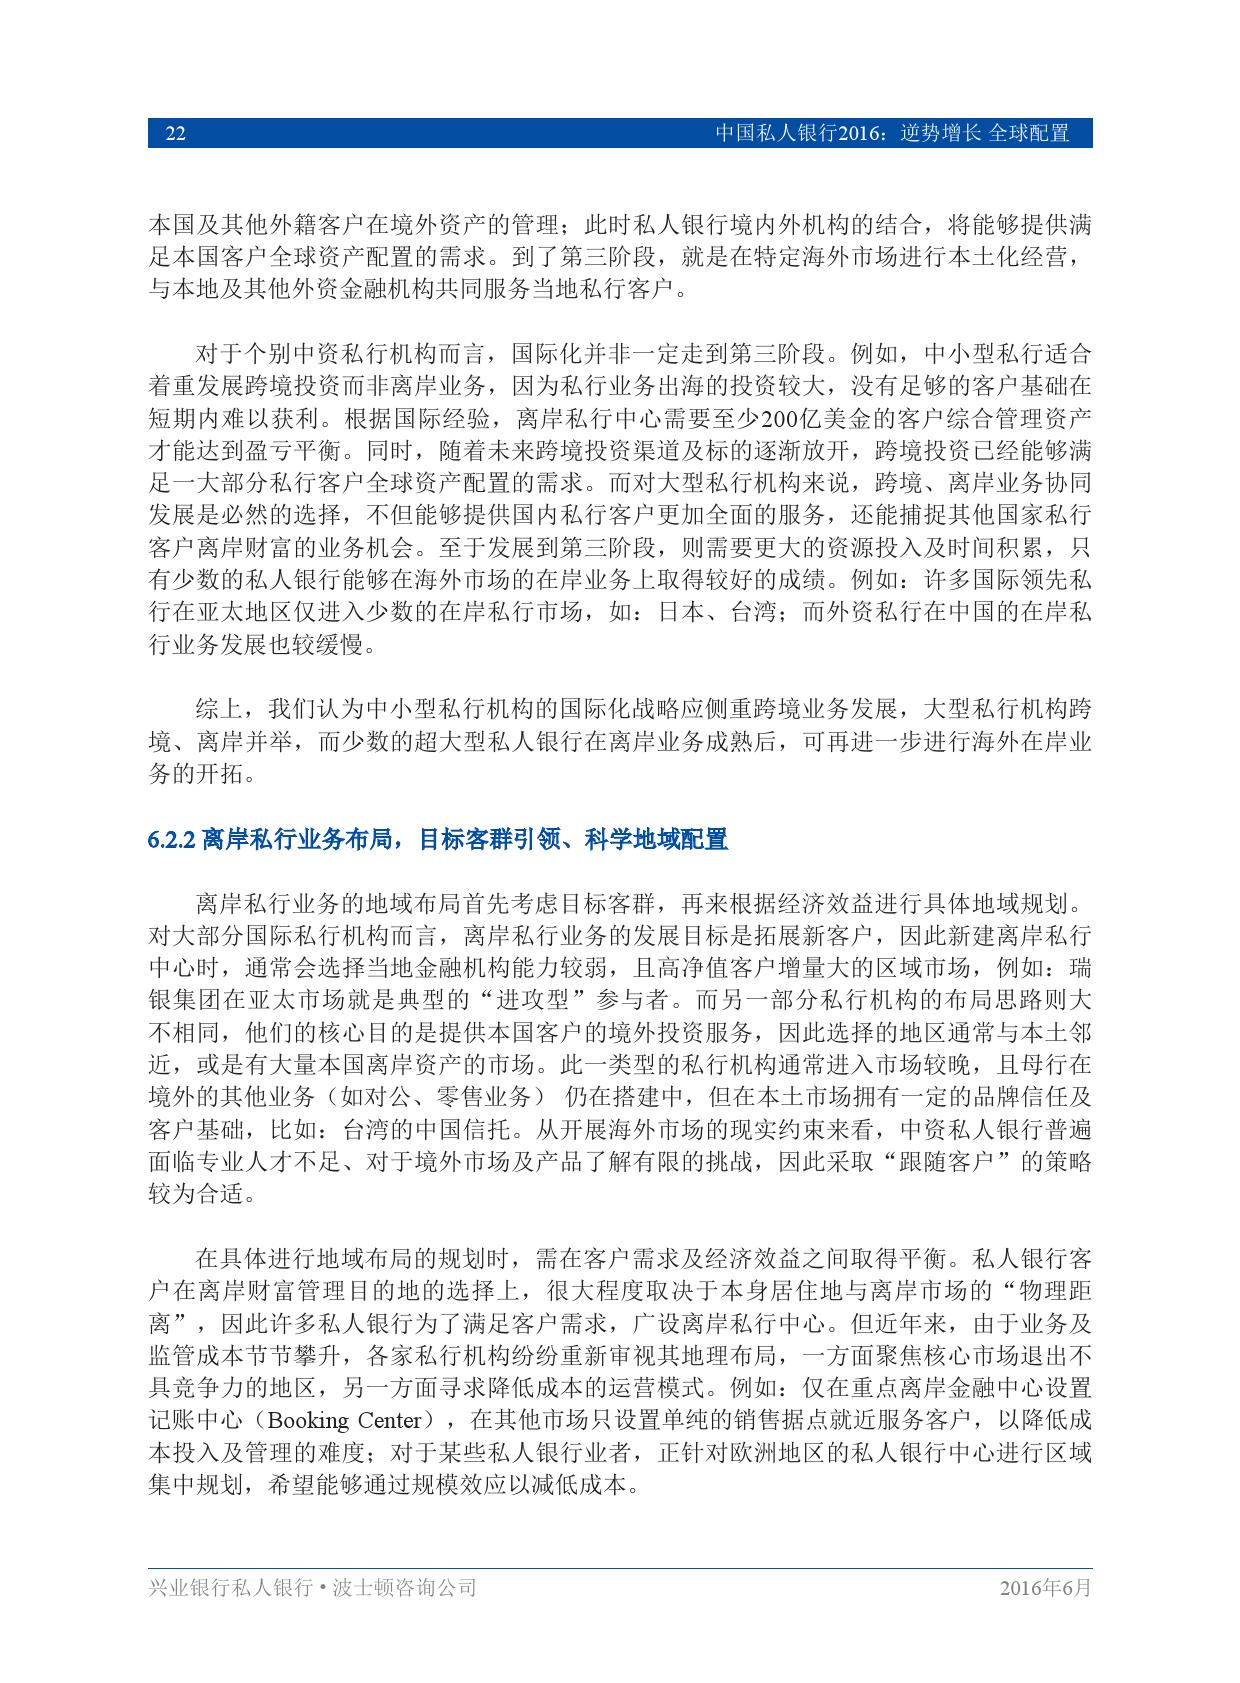 中国私人银行2016逆势增长、全球配置_000024